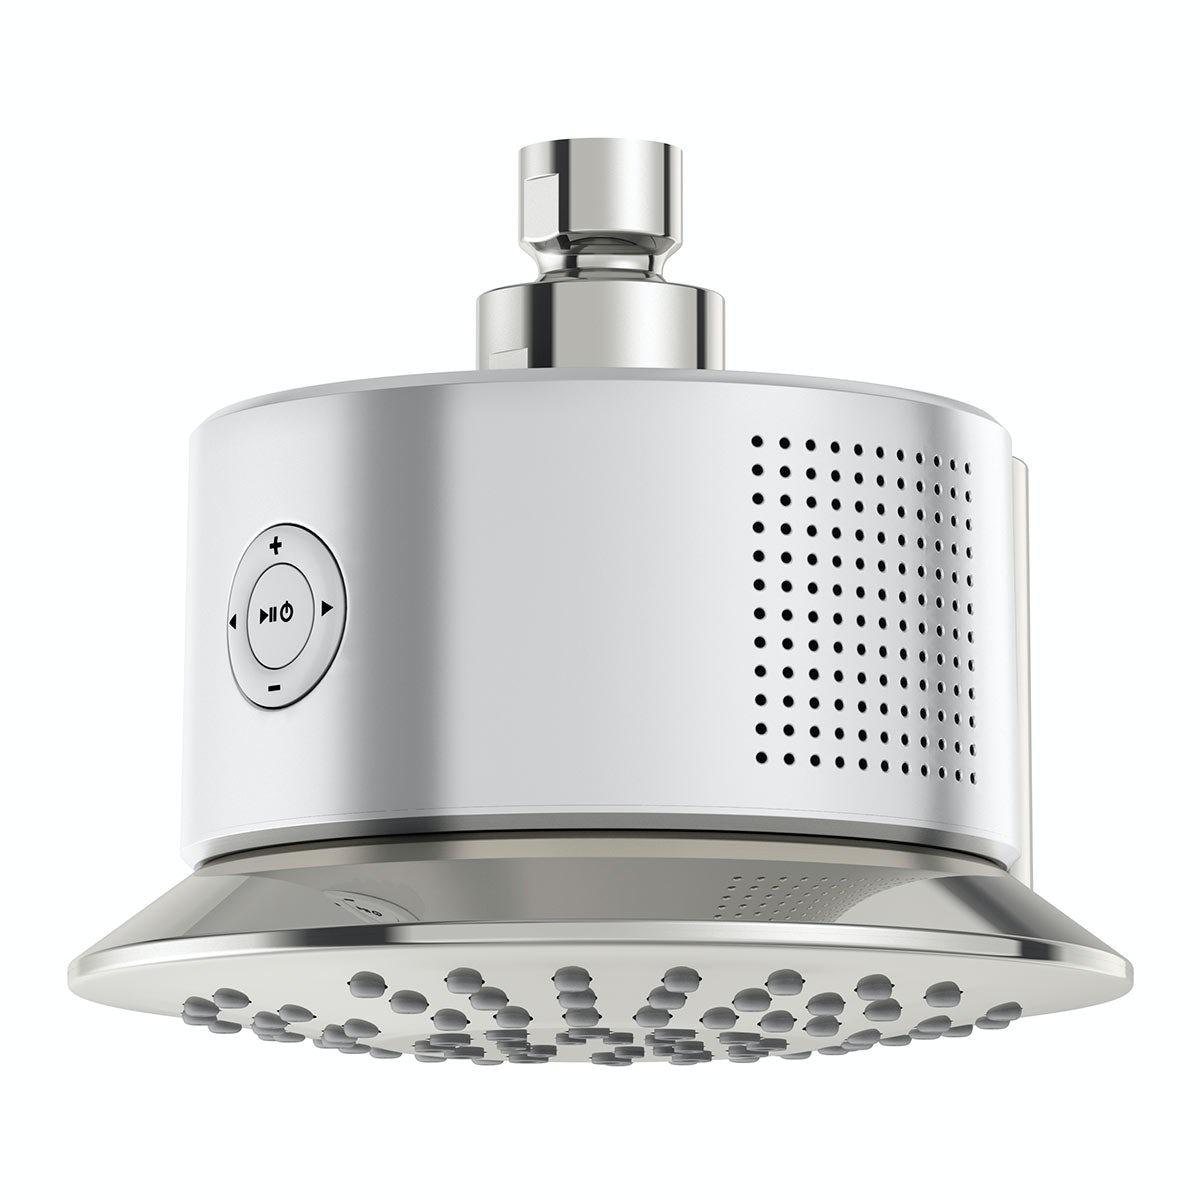 Speaker Shower Head